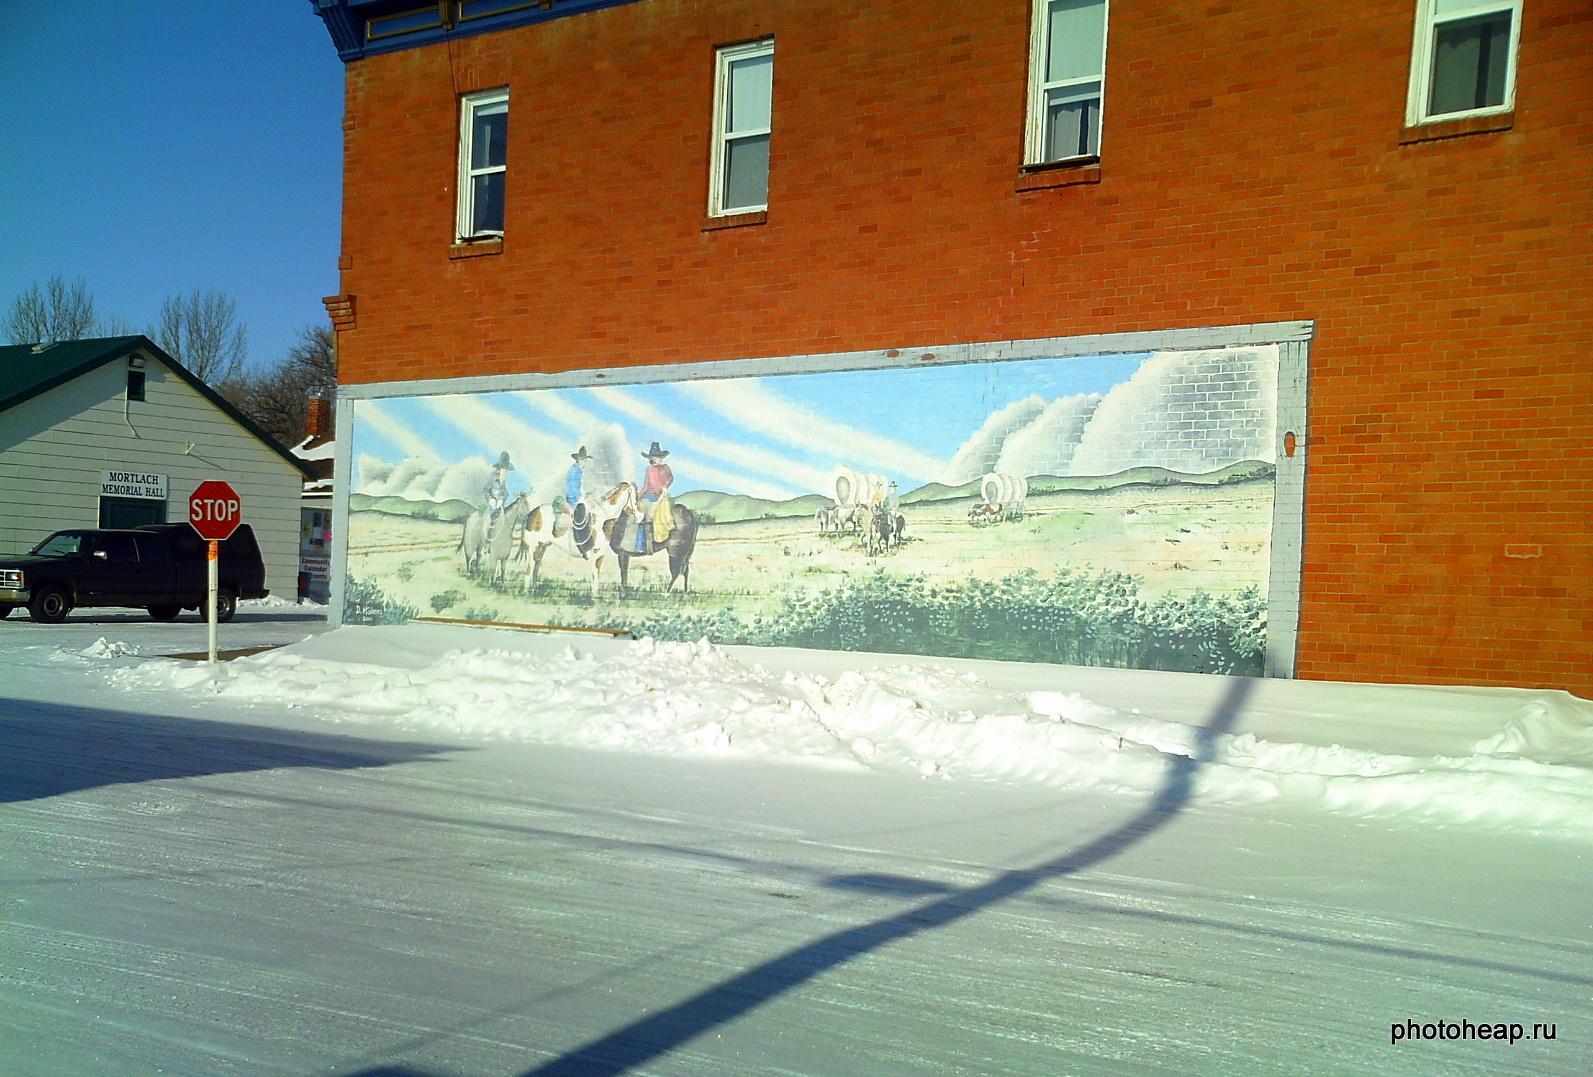 Cowboys mural